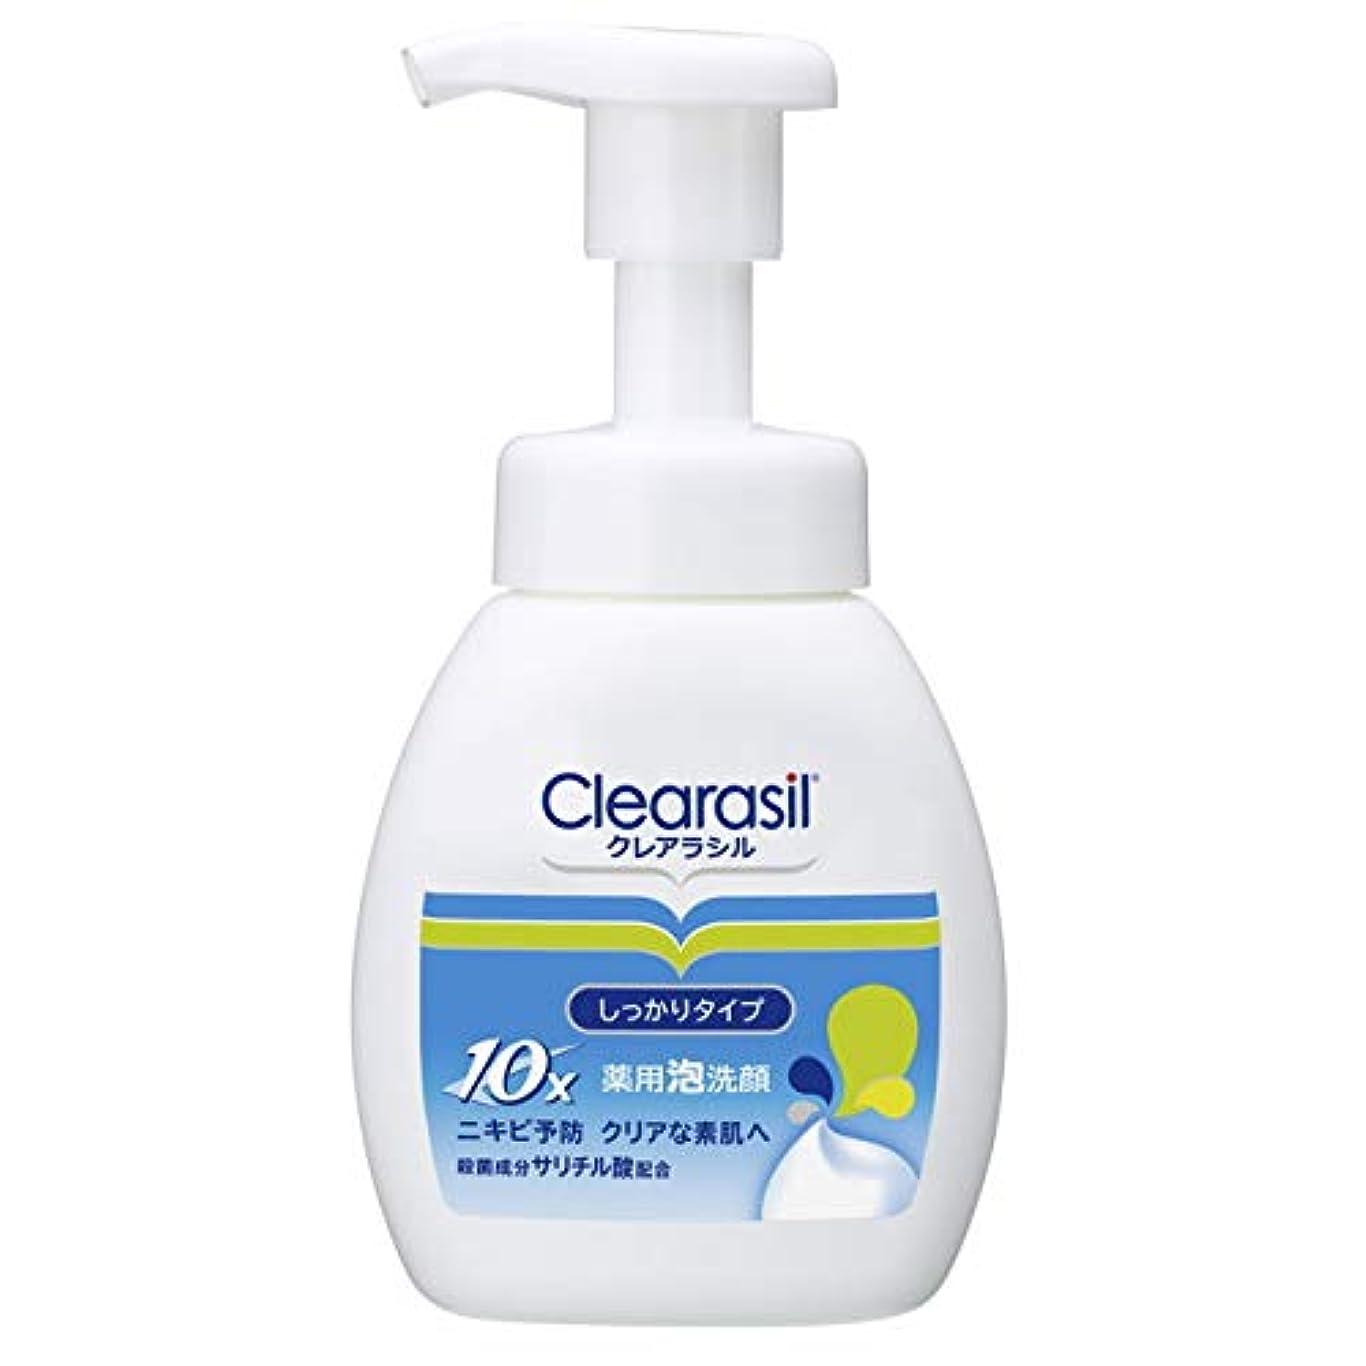 官僚データベース接触【clearasil】クレアラシル 薬用泡洗顔フォーム10 (200ml)